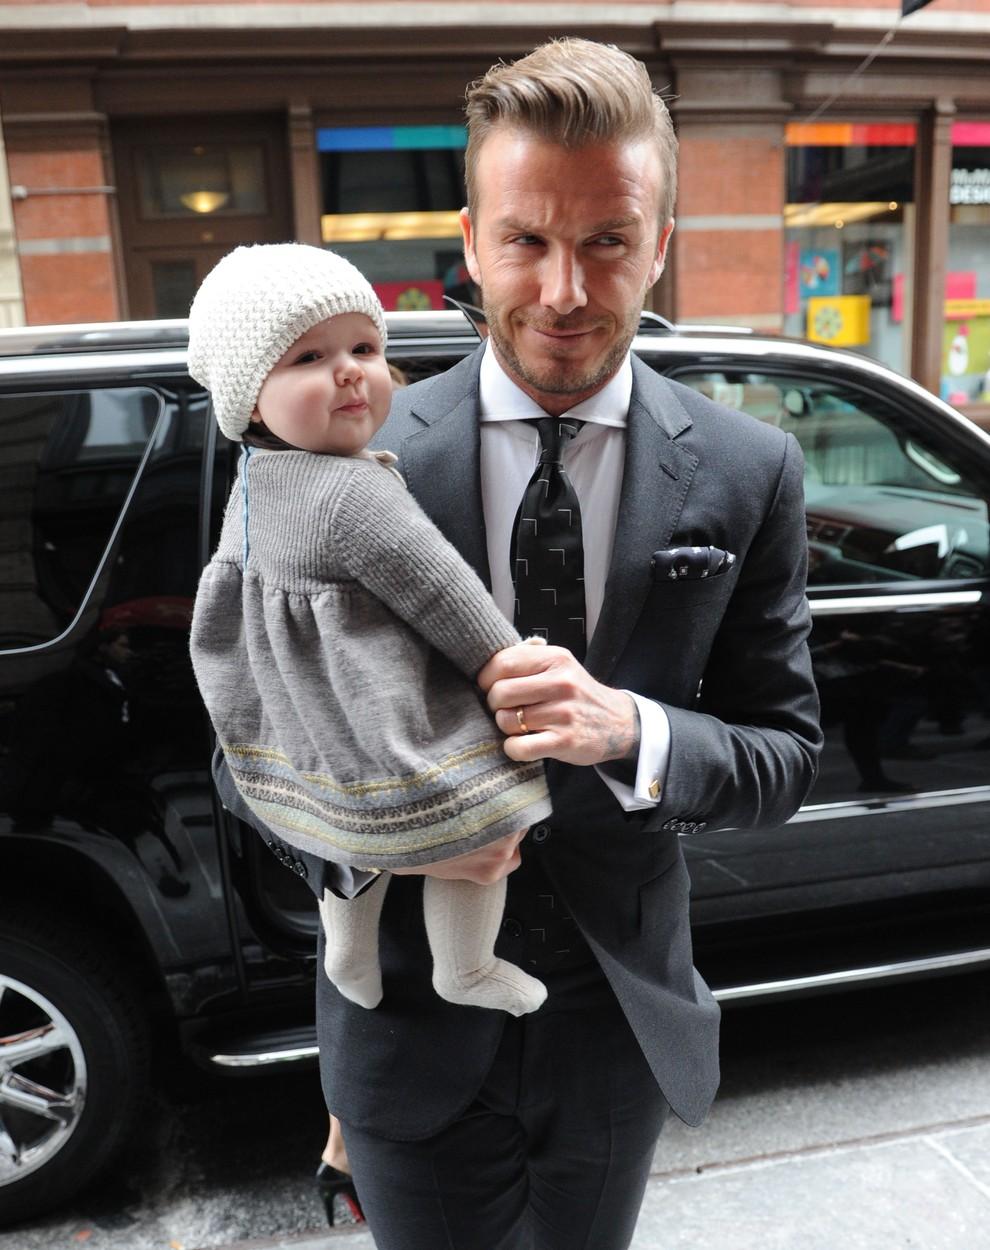 Ilyen nagylány lett Harper Seven Beckham - cuki képek vasárnapra